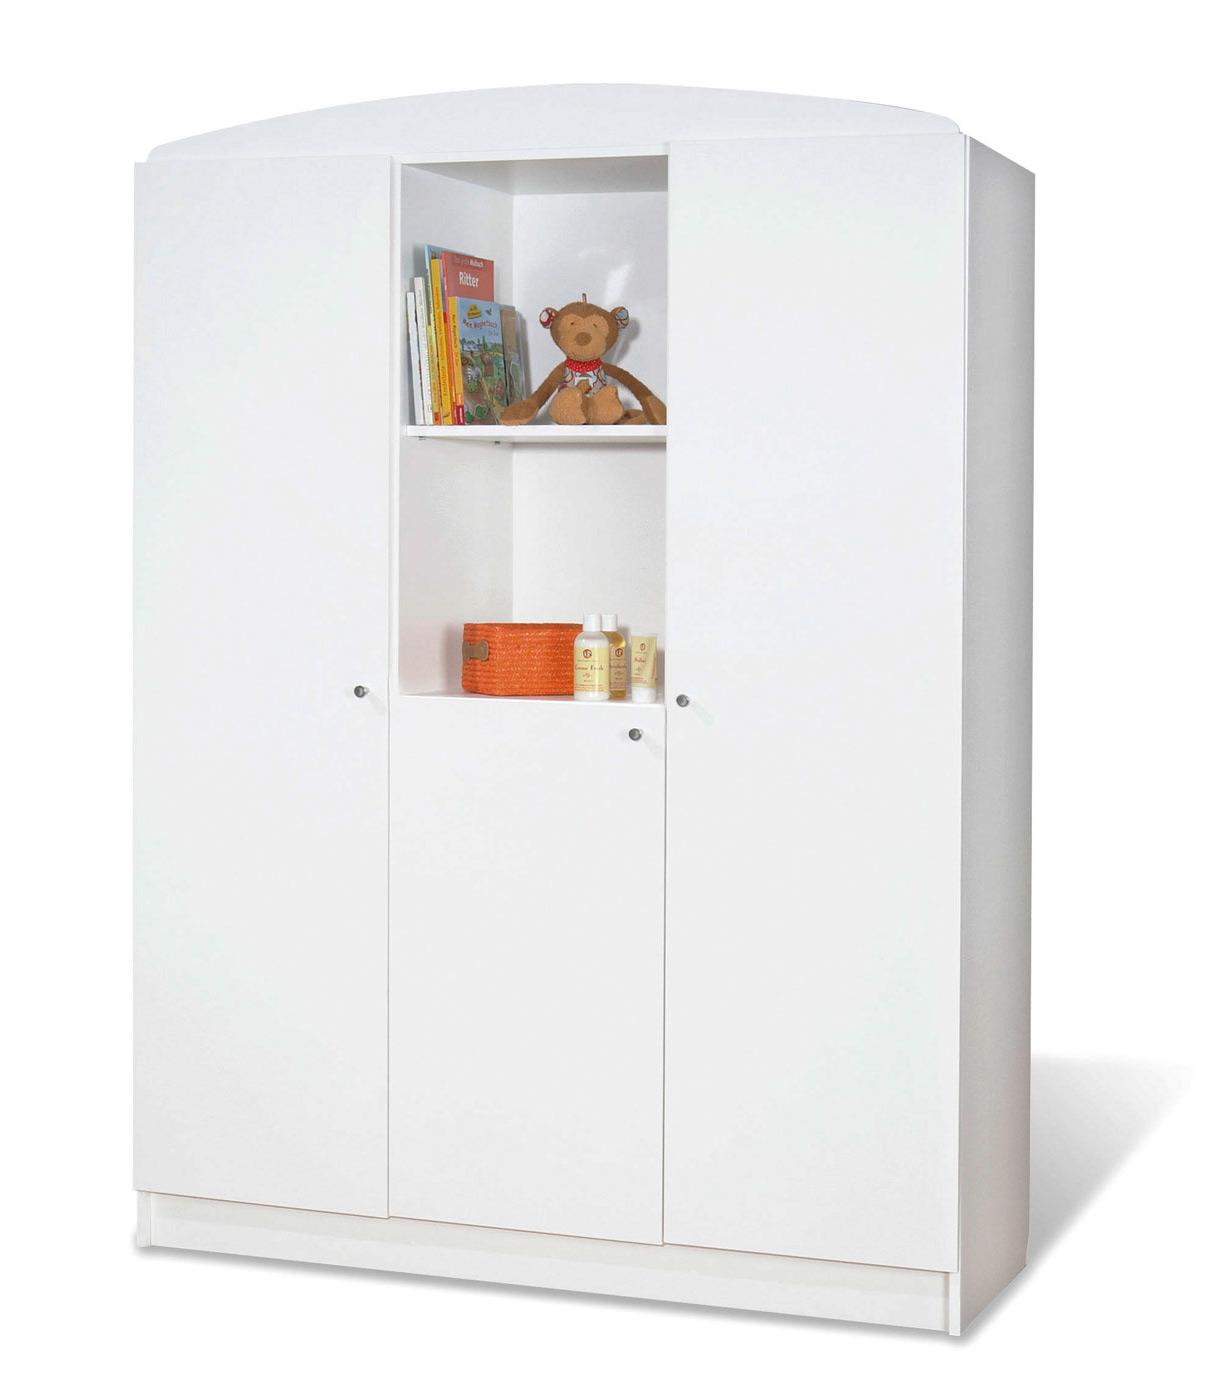 Kleiderschrank dekorieren  Weißer Kleiderschrank mit wahlweise 2 oder 3 Türen - Jil